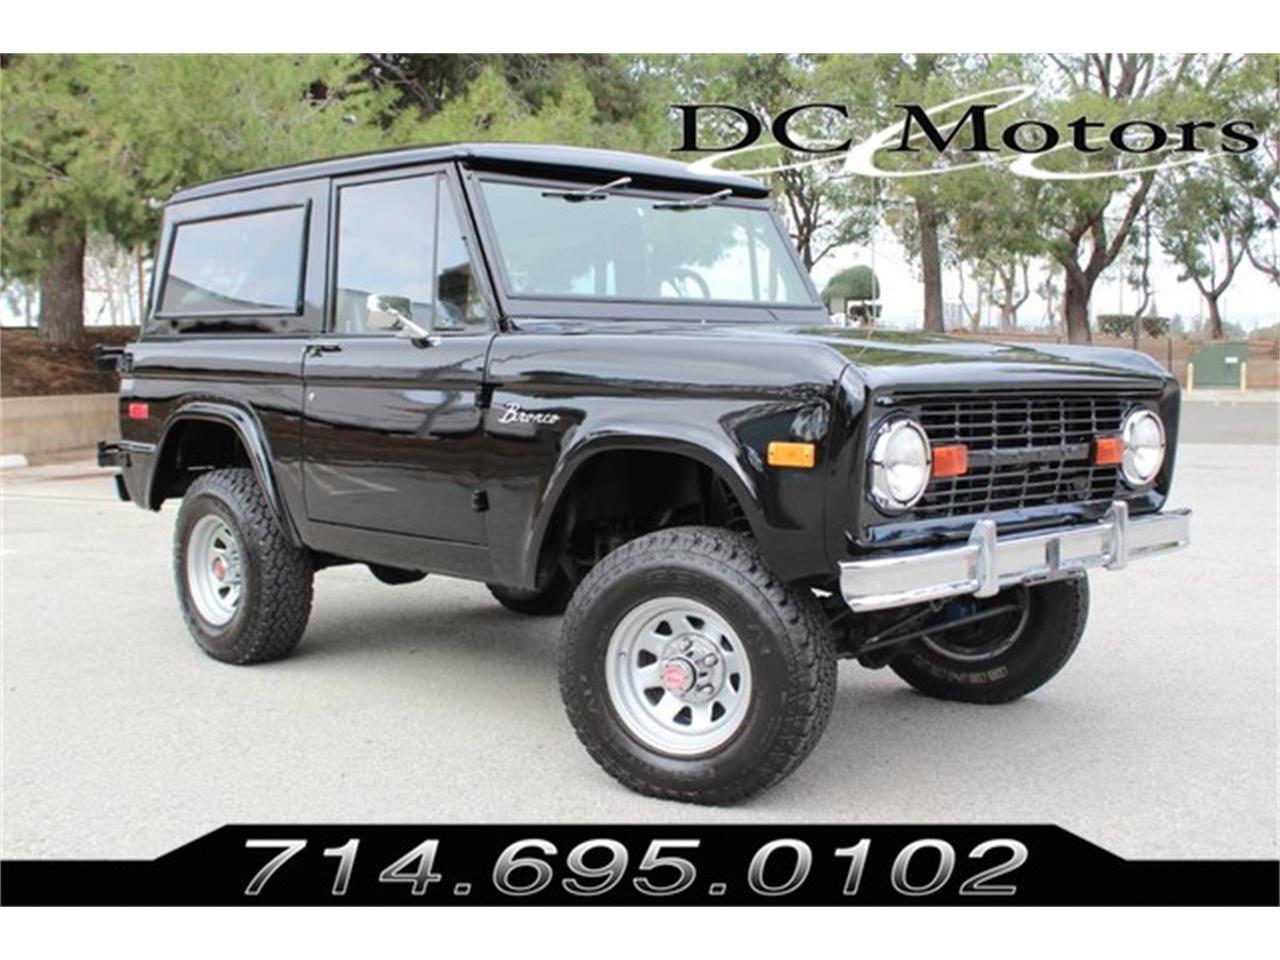 1973 Ford Bronco For Sale Classiccars Com Cc 1109811